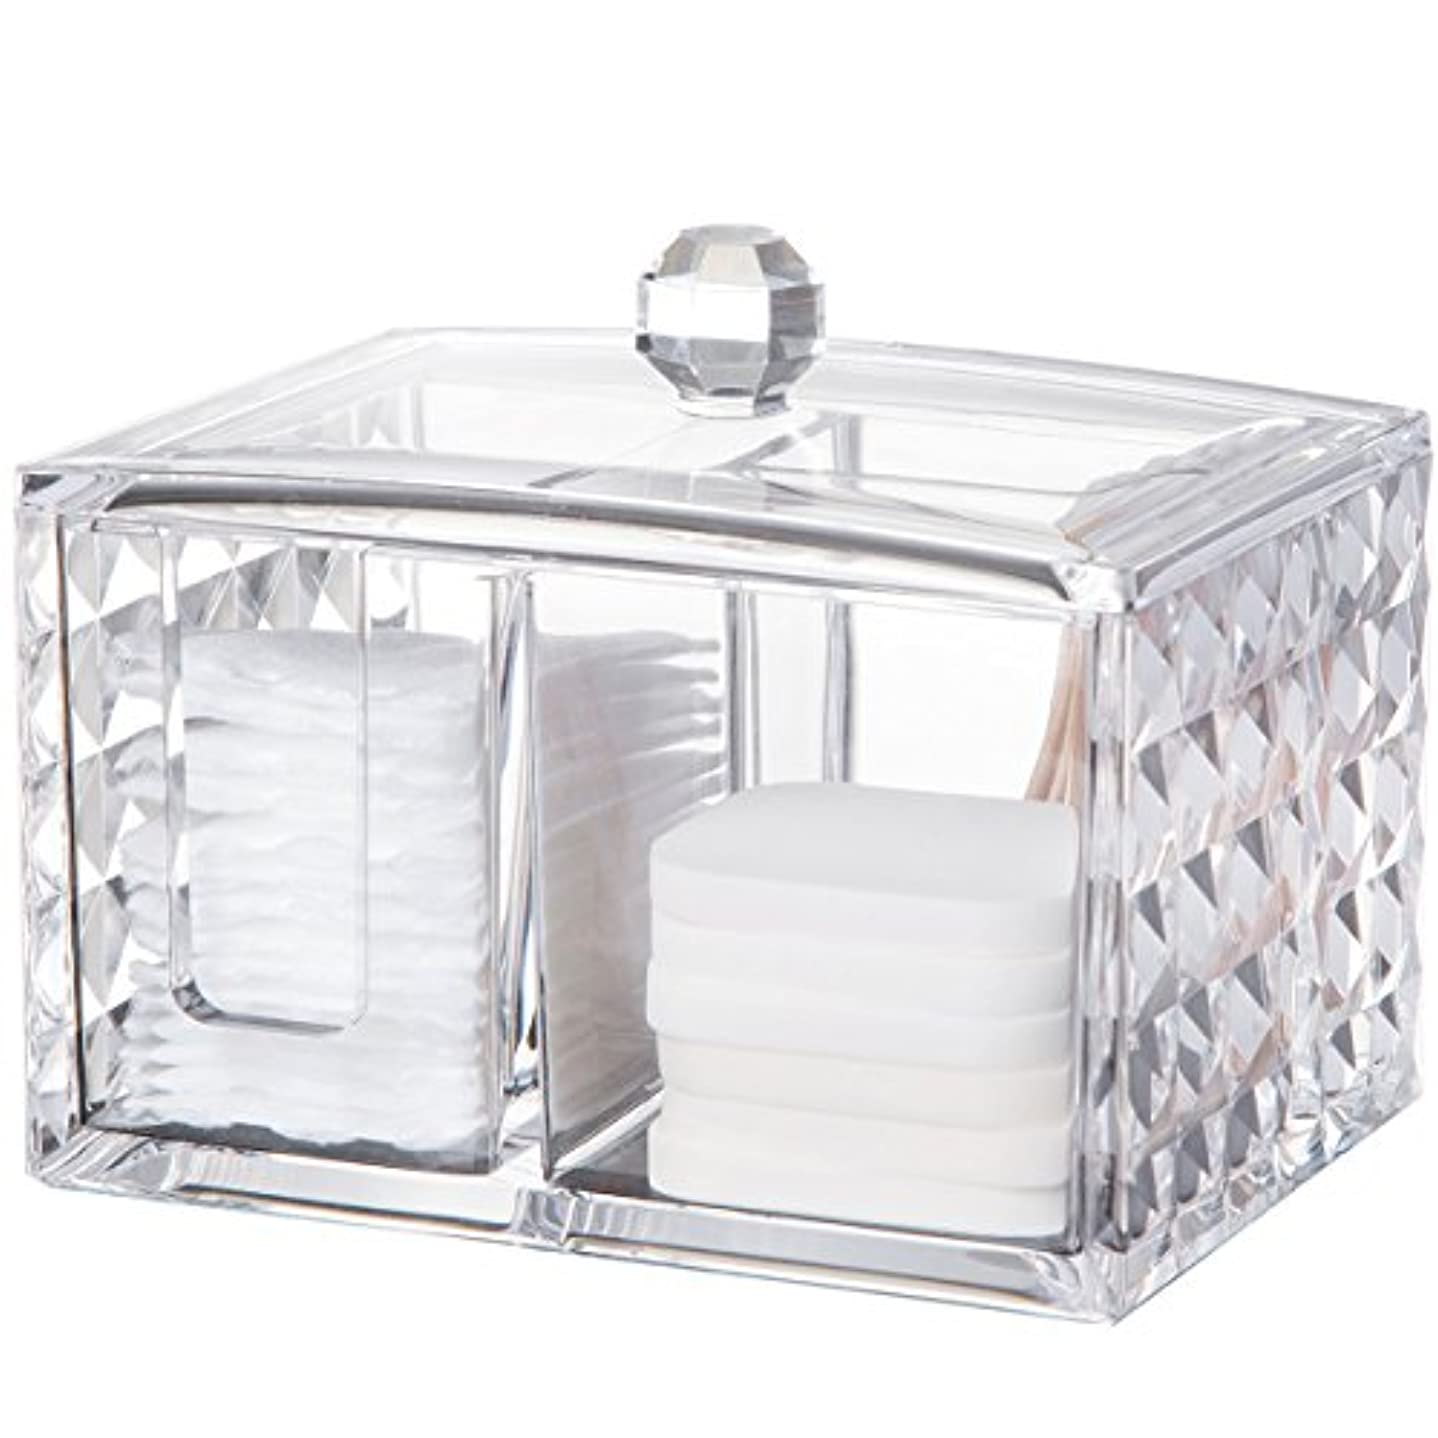 同一性本会議性的コスメボックス 綿棒収納ボックス アクリル製 ダイヤモンド模様 多功能 コスメ小物用品?化粧品収納ケース 透明 (正方形)